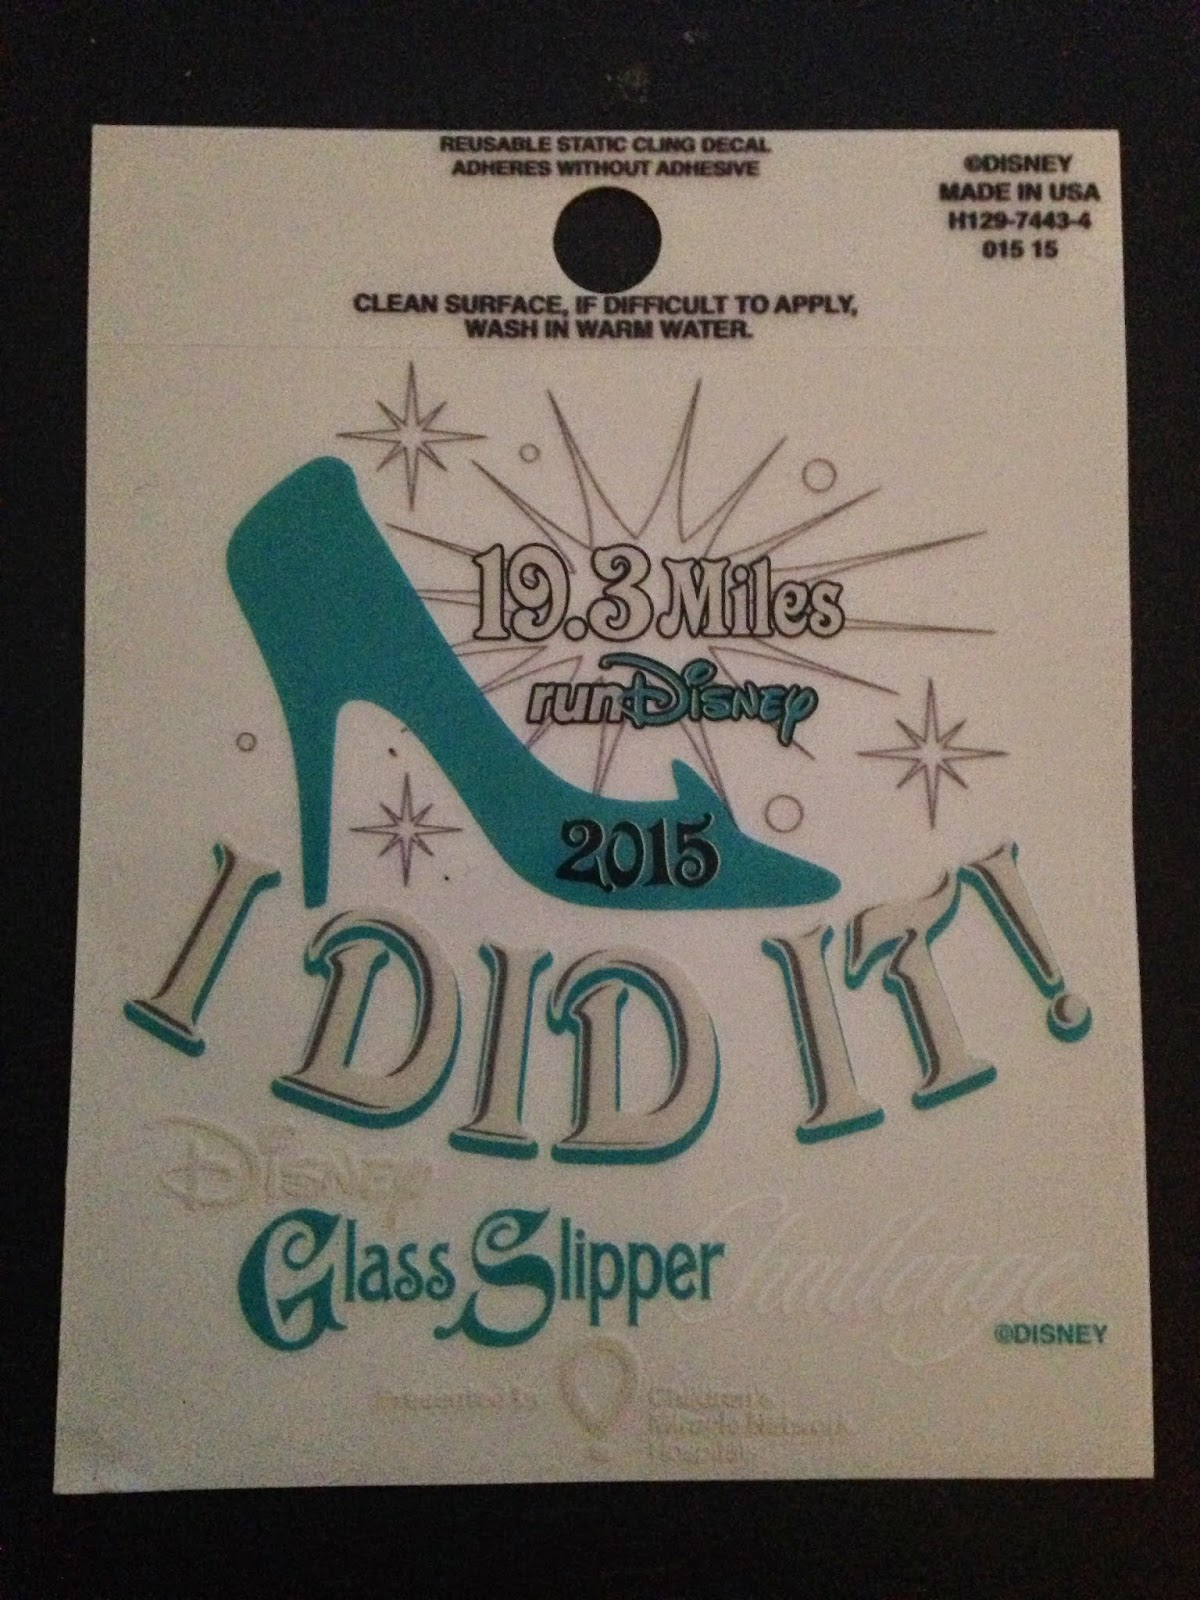 Window Decal Sticker NEW Run Disney Glass Slipper Challenge 2015 19.3 I DID IT